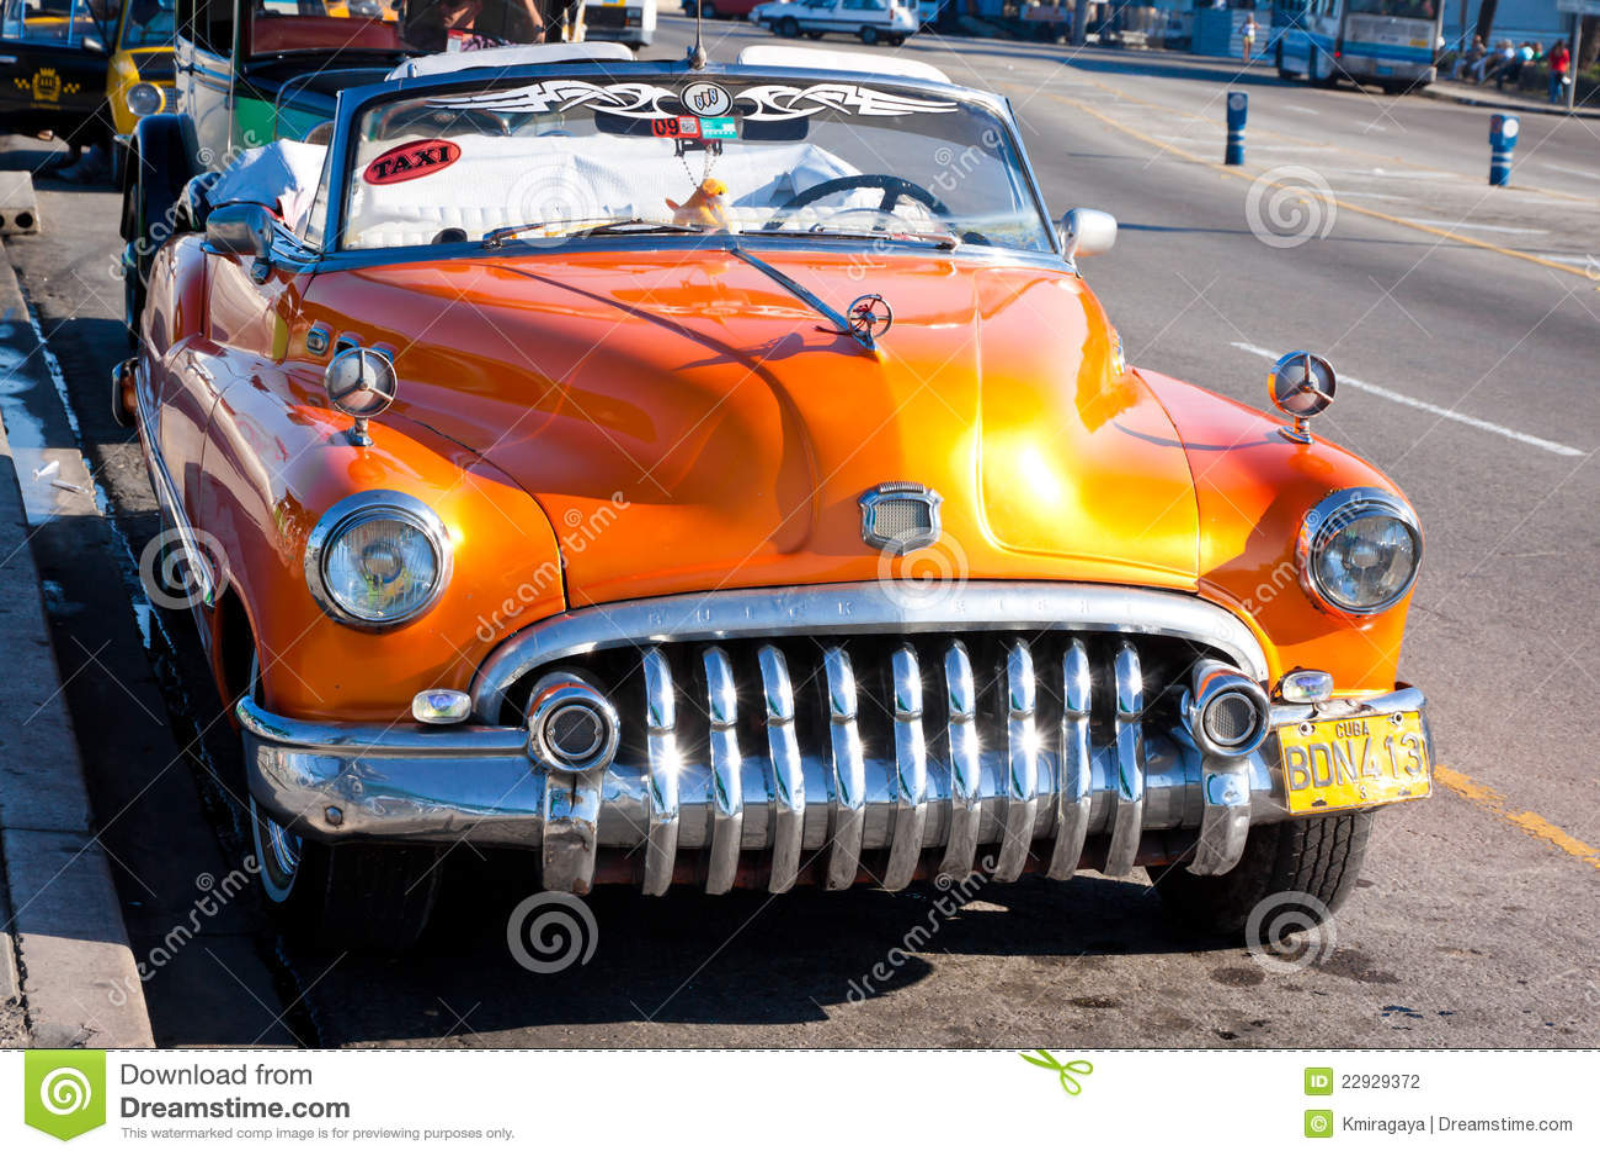 vieille voiture am ricaine classique la havane photographie ditorial image 22929372. Black Bedroom Furniture Sets. Home Design Ideas